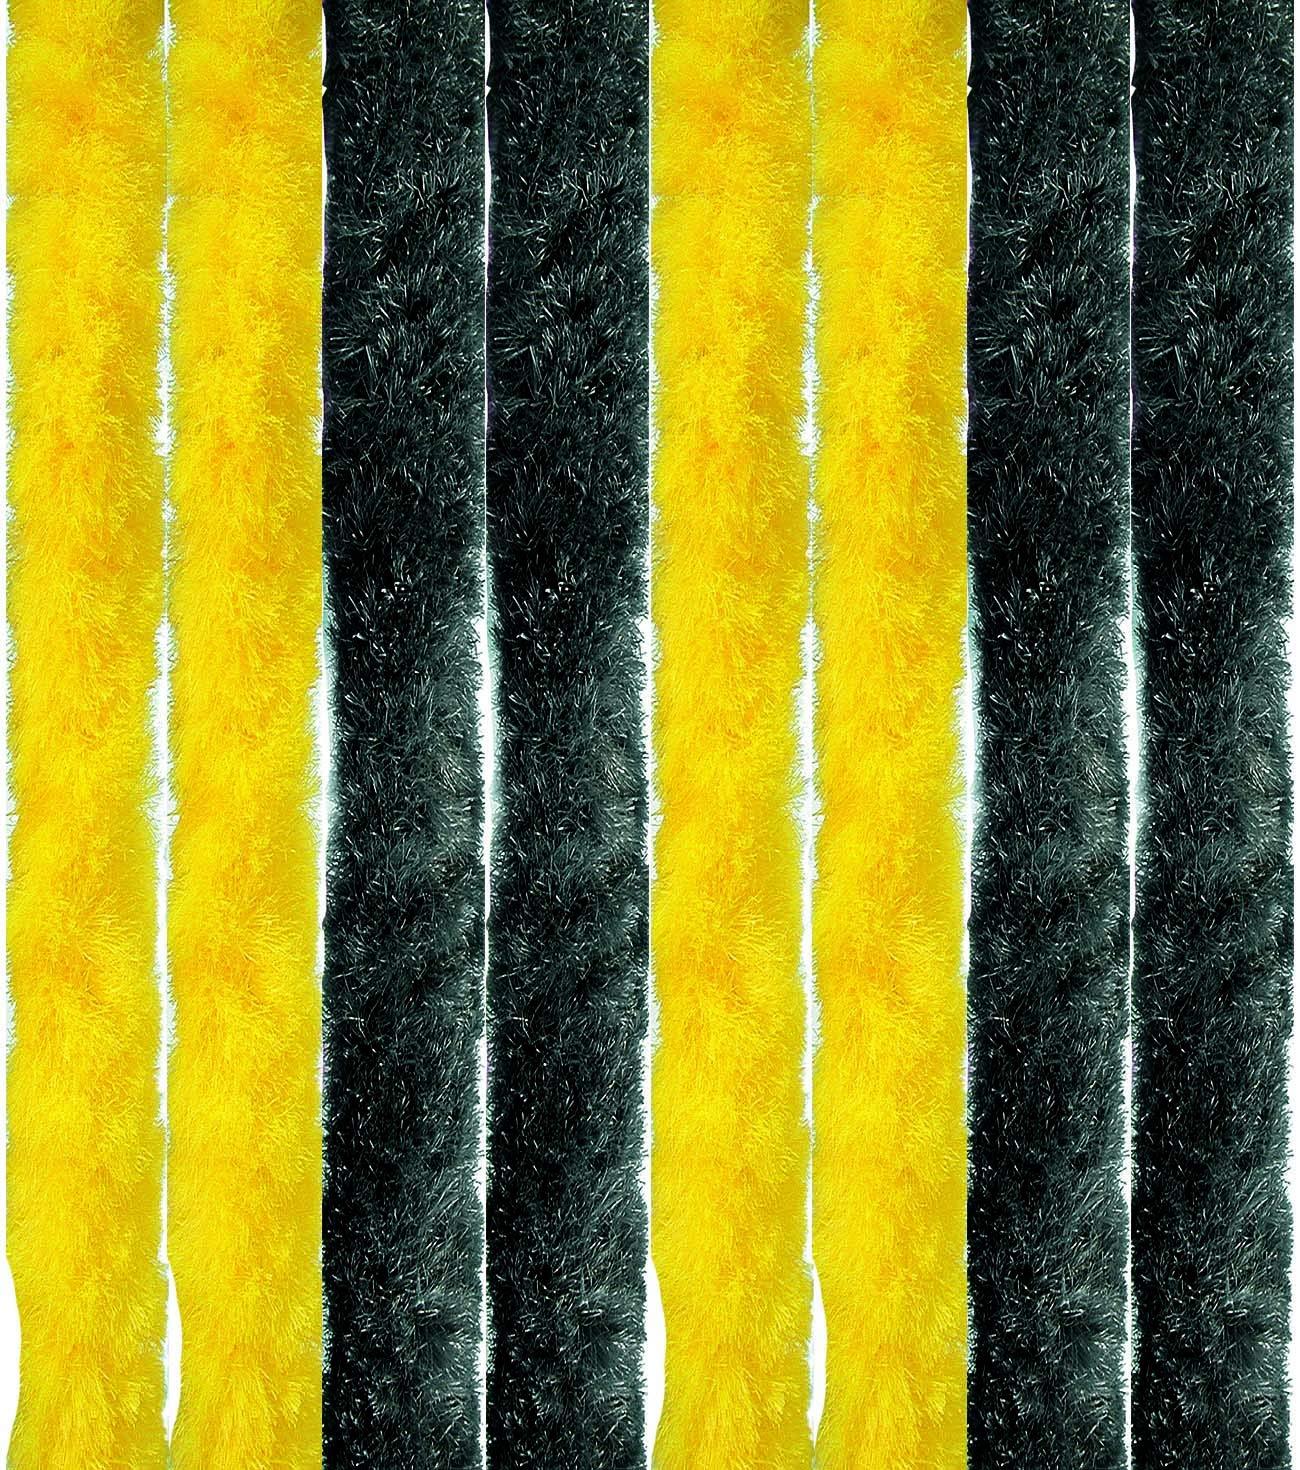 Arsvita Flausch-Vorhang, viele Variationen, Größe  140x200 cm, Farbe  hellgrau-weiß B01DYG34VI Vorhnge